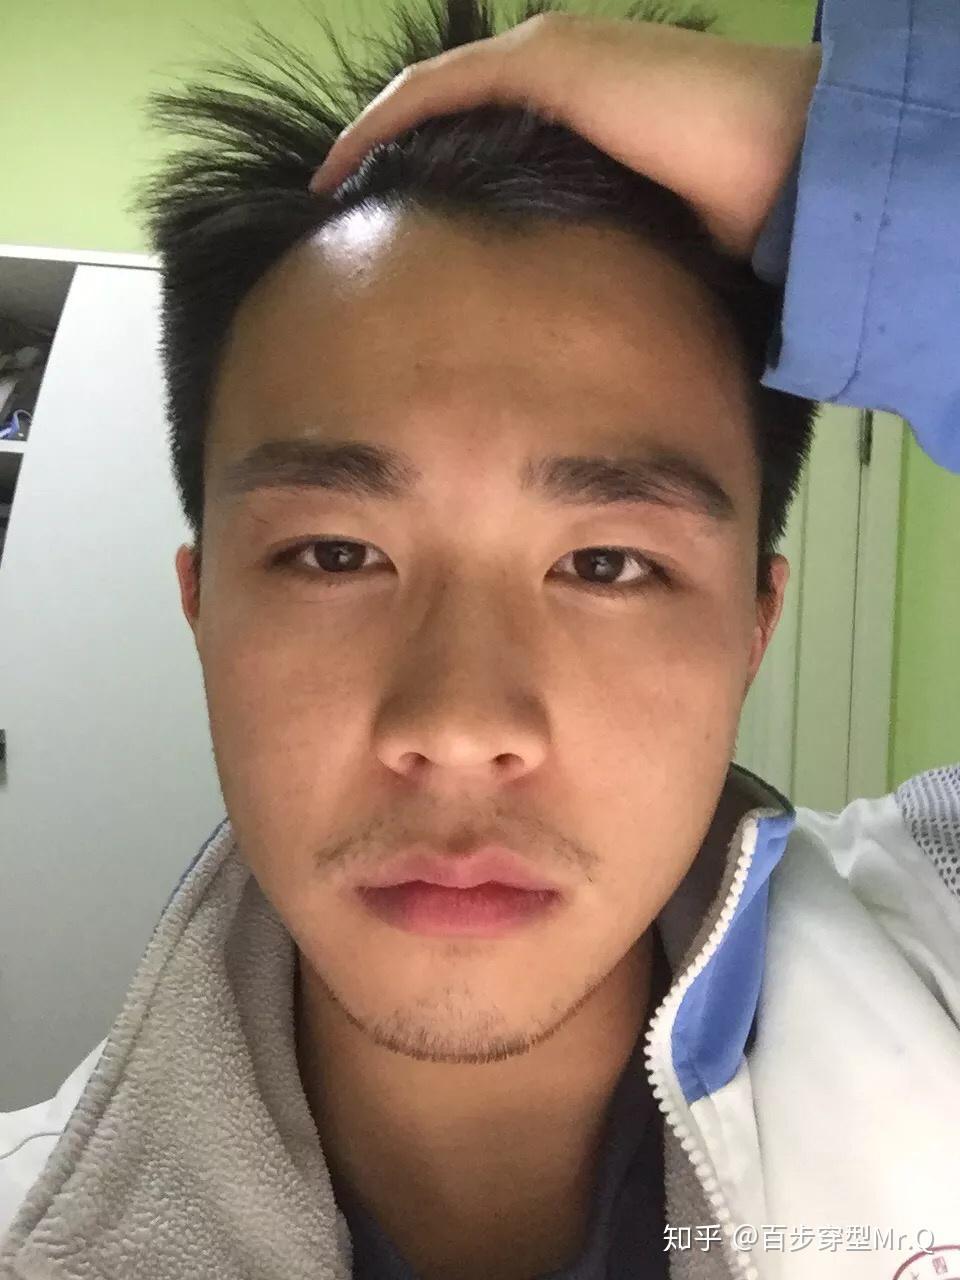 男人的粗黑硬_发际线很高的男人适合什么样的发型? - 知乎